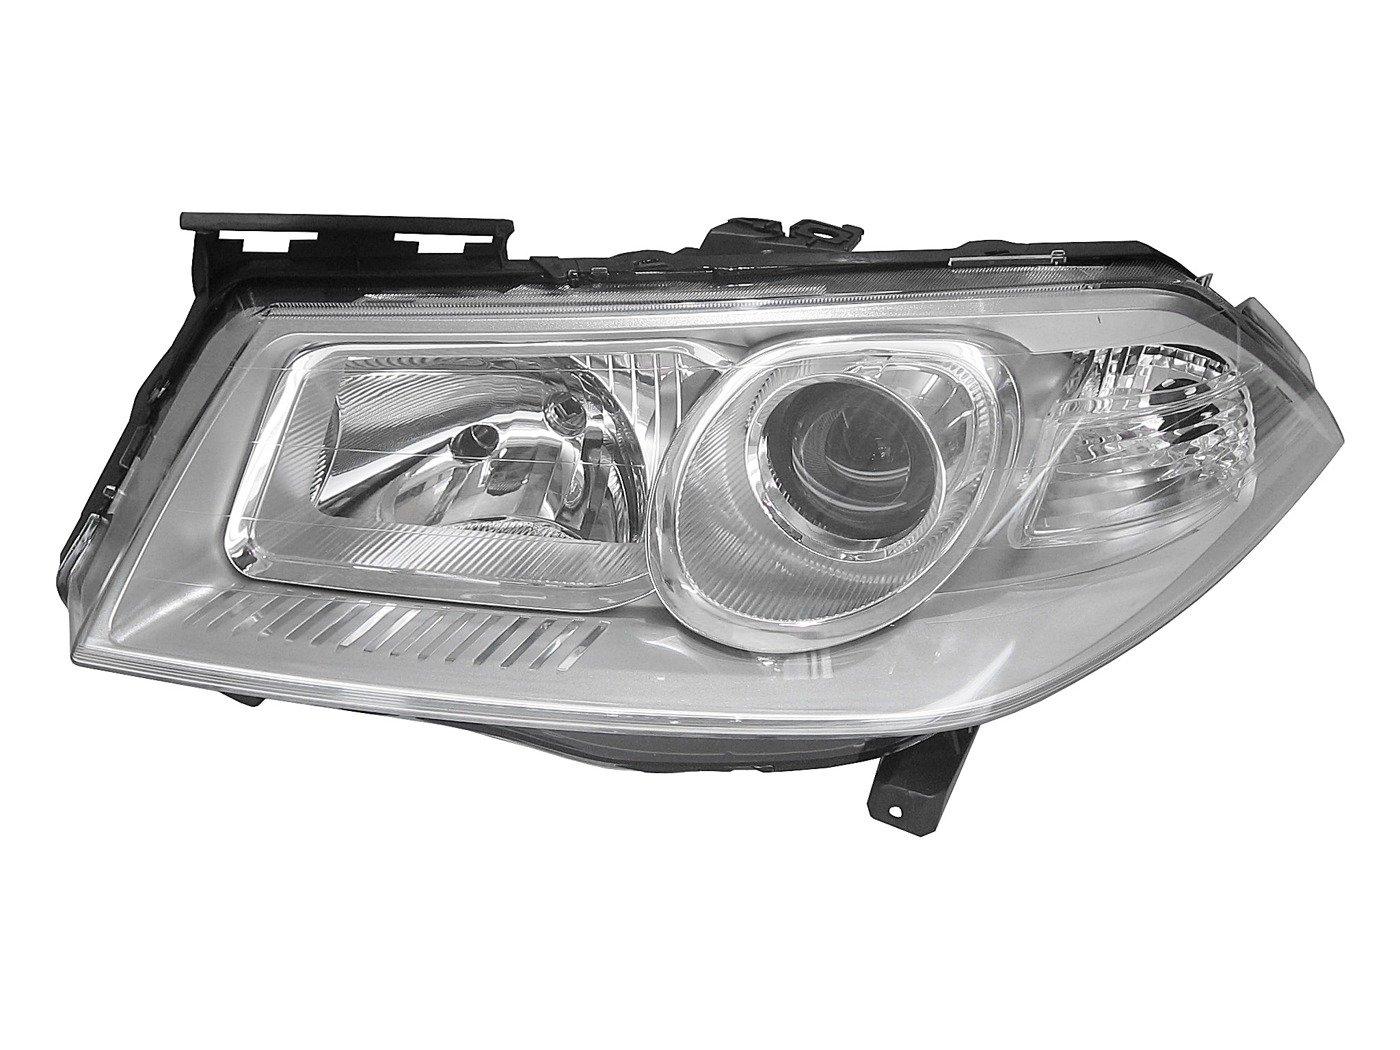 Reflektor Przedni Lewy H1 H7 Renault Megane Ii 06 Tyc Sklep Z Czesciami Samochodowymi Autodetale Pl